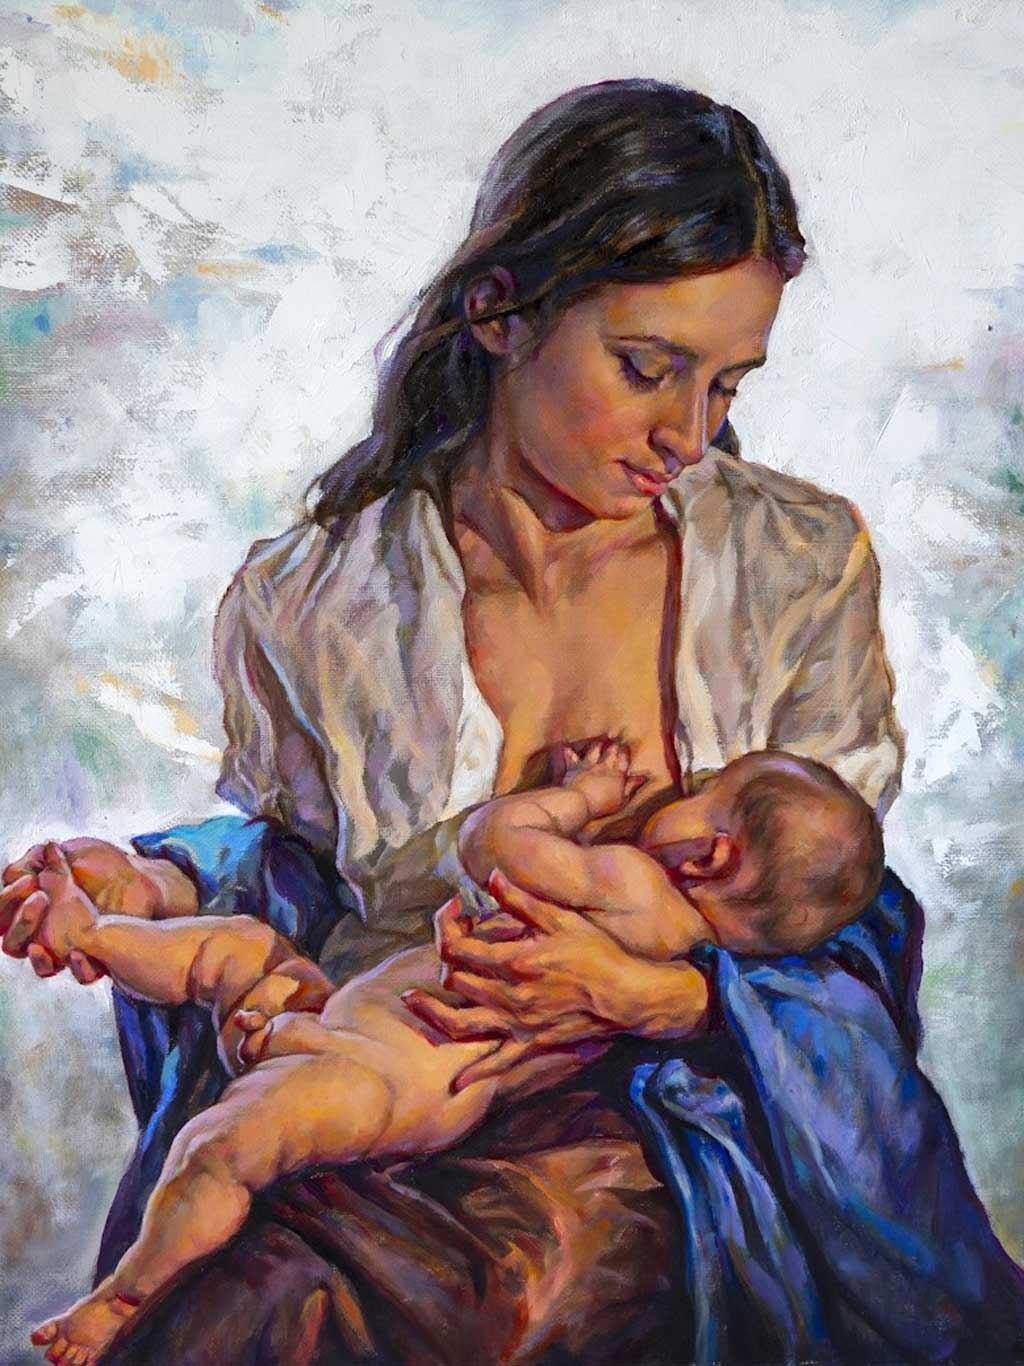 №2287, Кърмеща майка детето си. Жикле картина с ефектен ръчен релеф. Индивидуална изработка по поръчка.